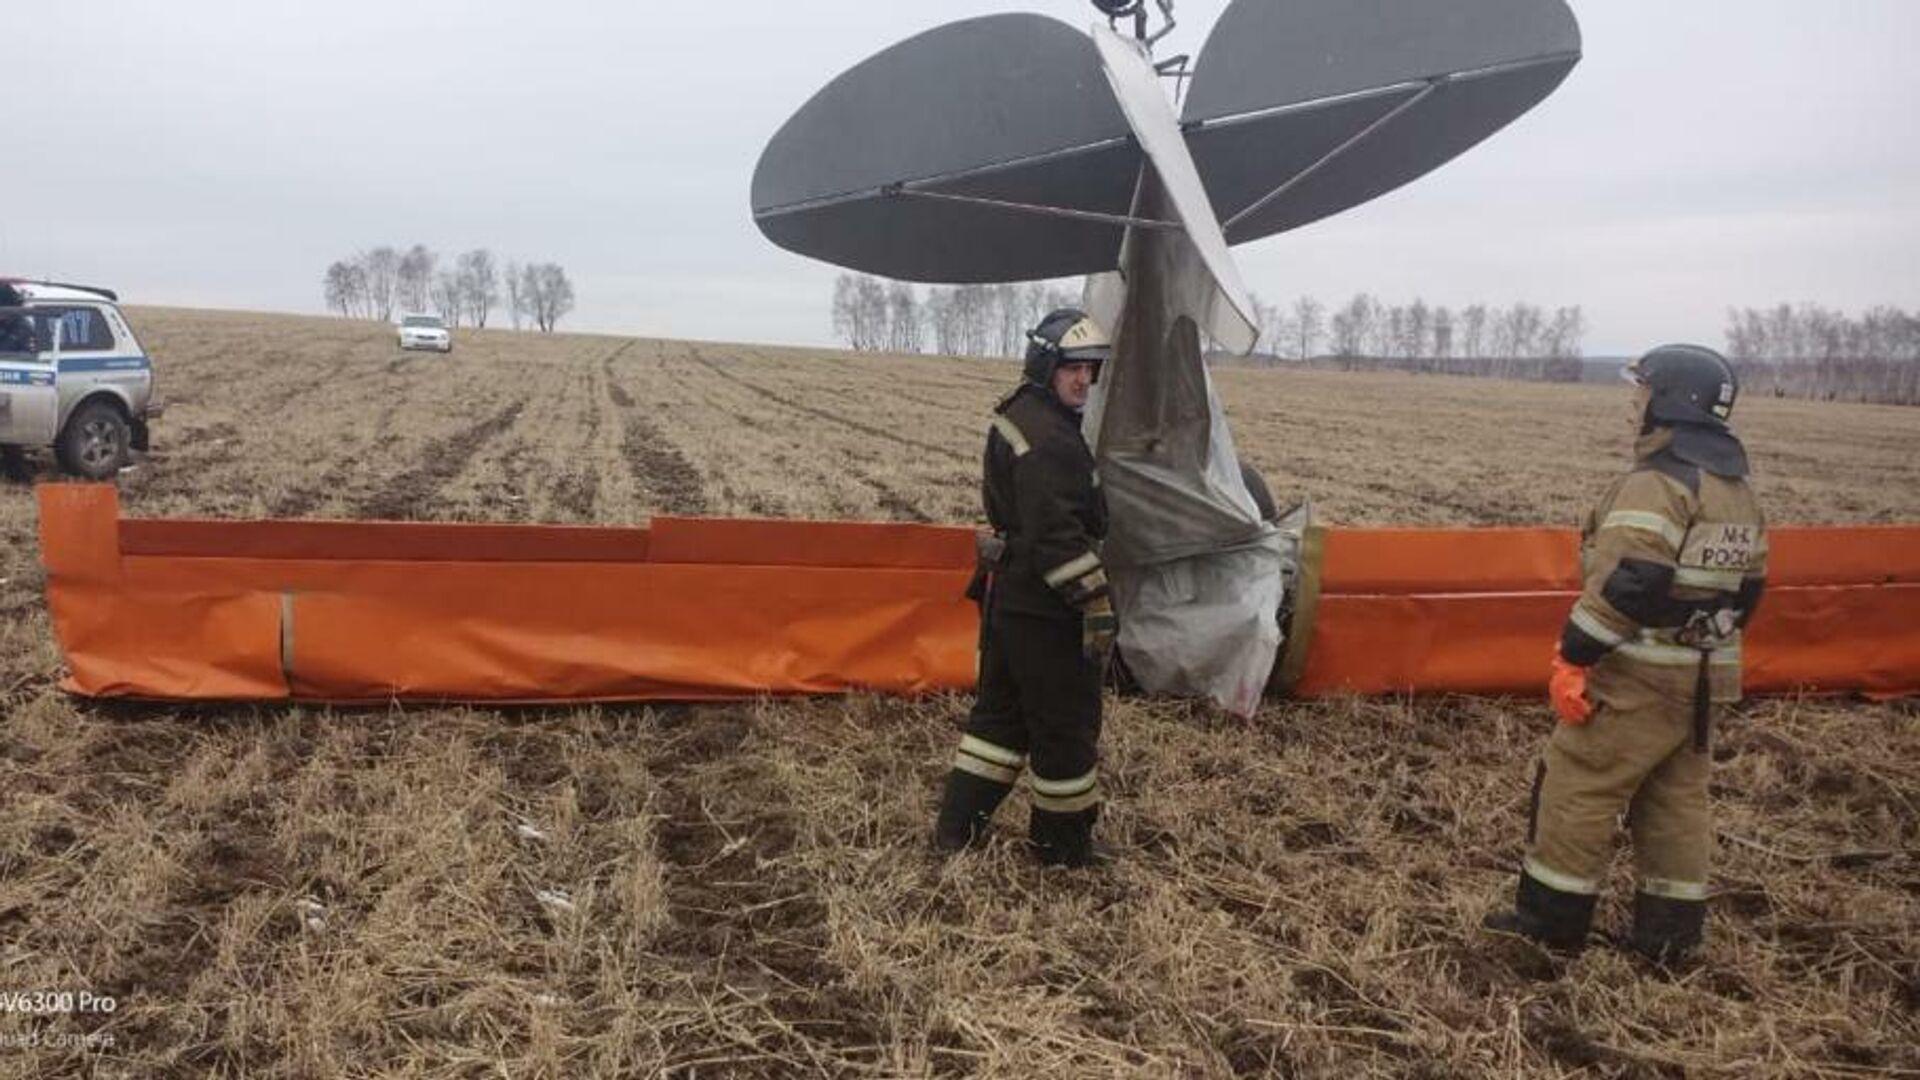 Место падения легкомоторного самолета в Иркутской области - РИА Новости, 1920, 19.06.2021